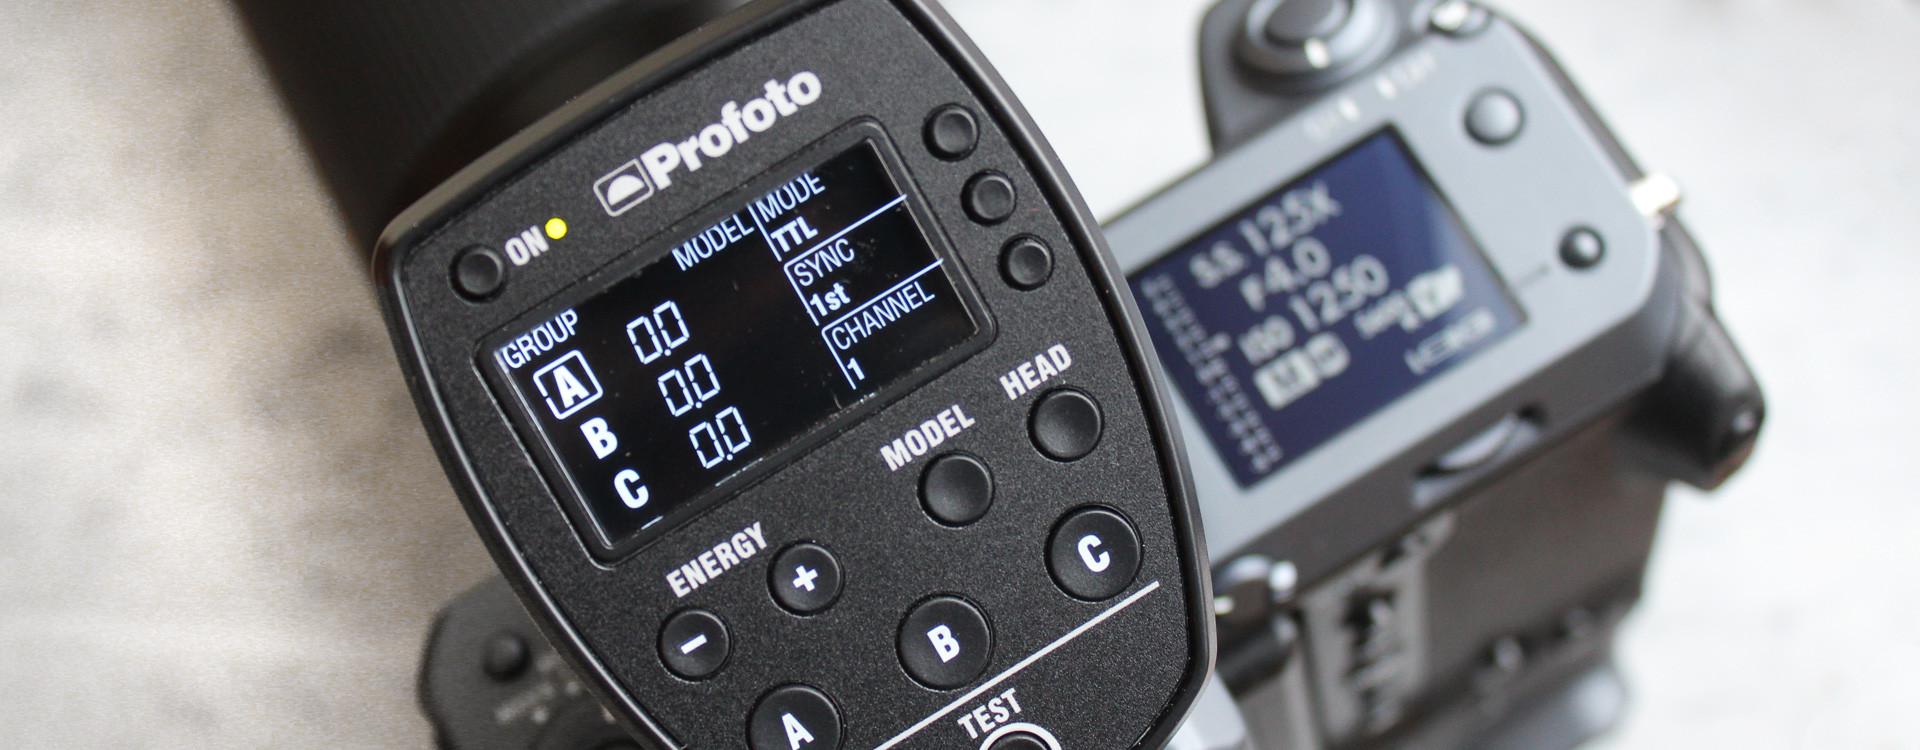 Doskonały Duet - Fujifilm GFX 100 i Profoto B10 Plus